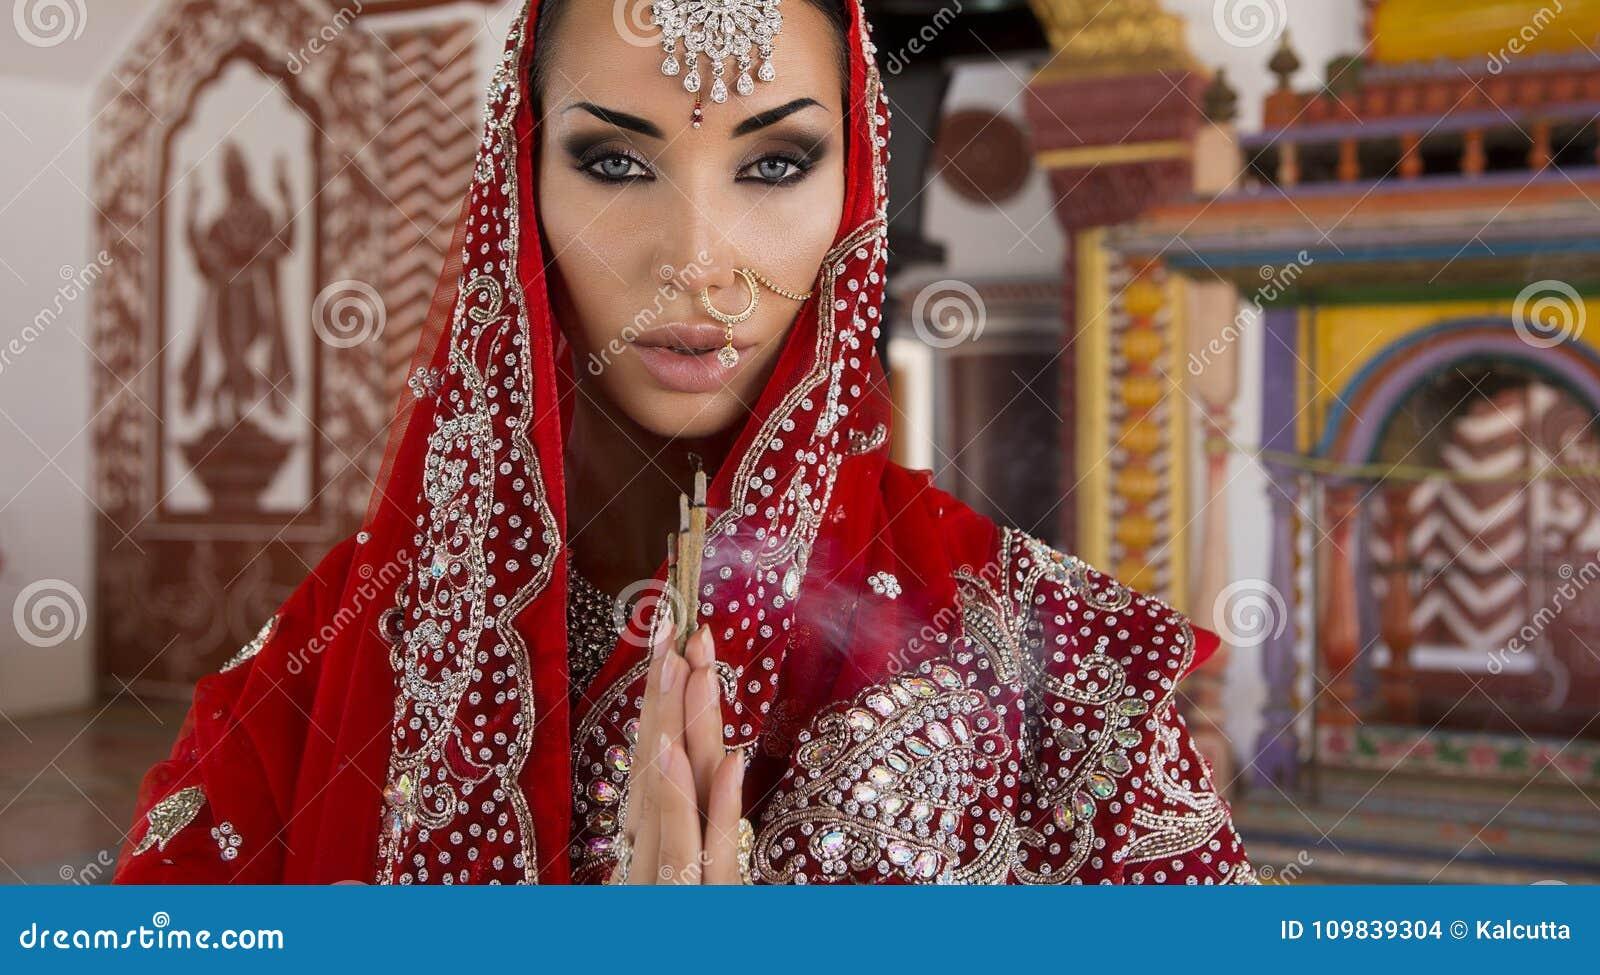 Bella giovane donna indiana in abbigliamento tradizionale con nuziale